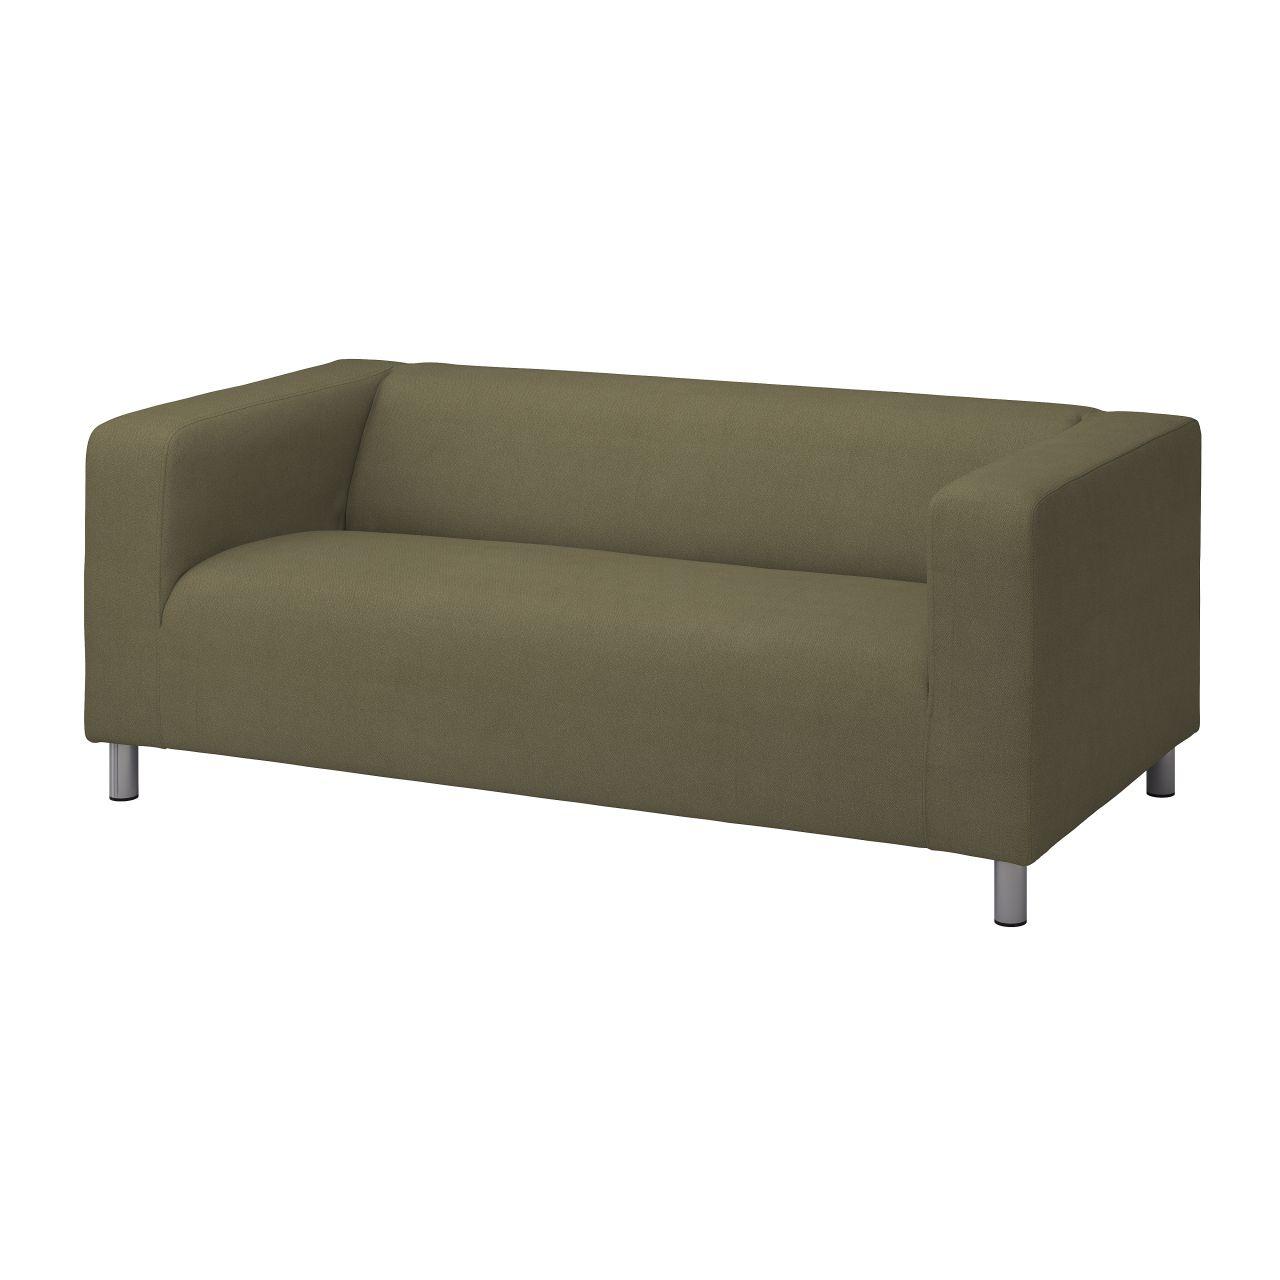 Ikea Klippan Sofa braun